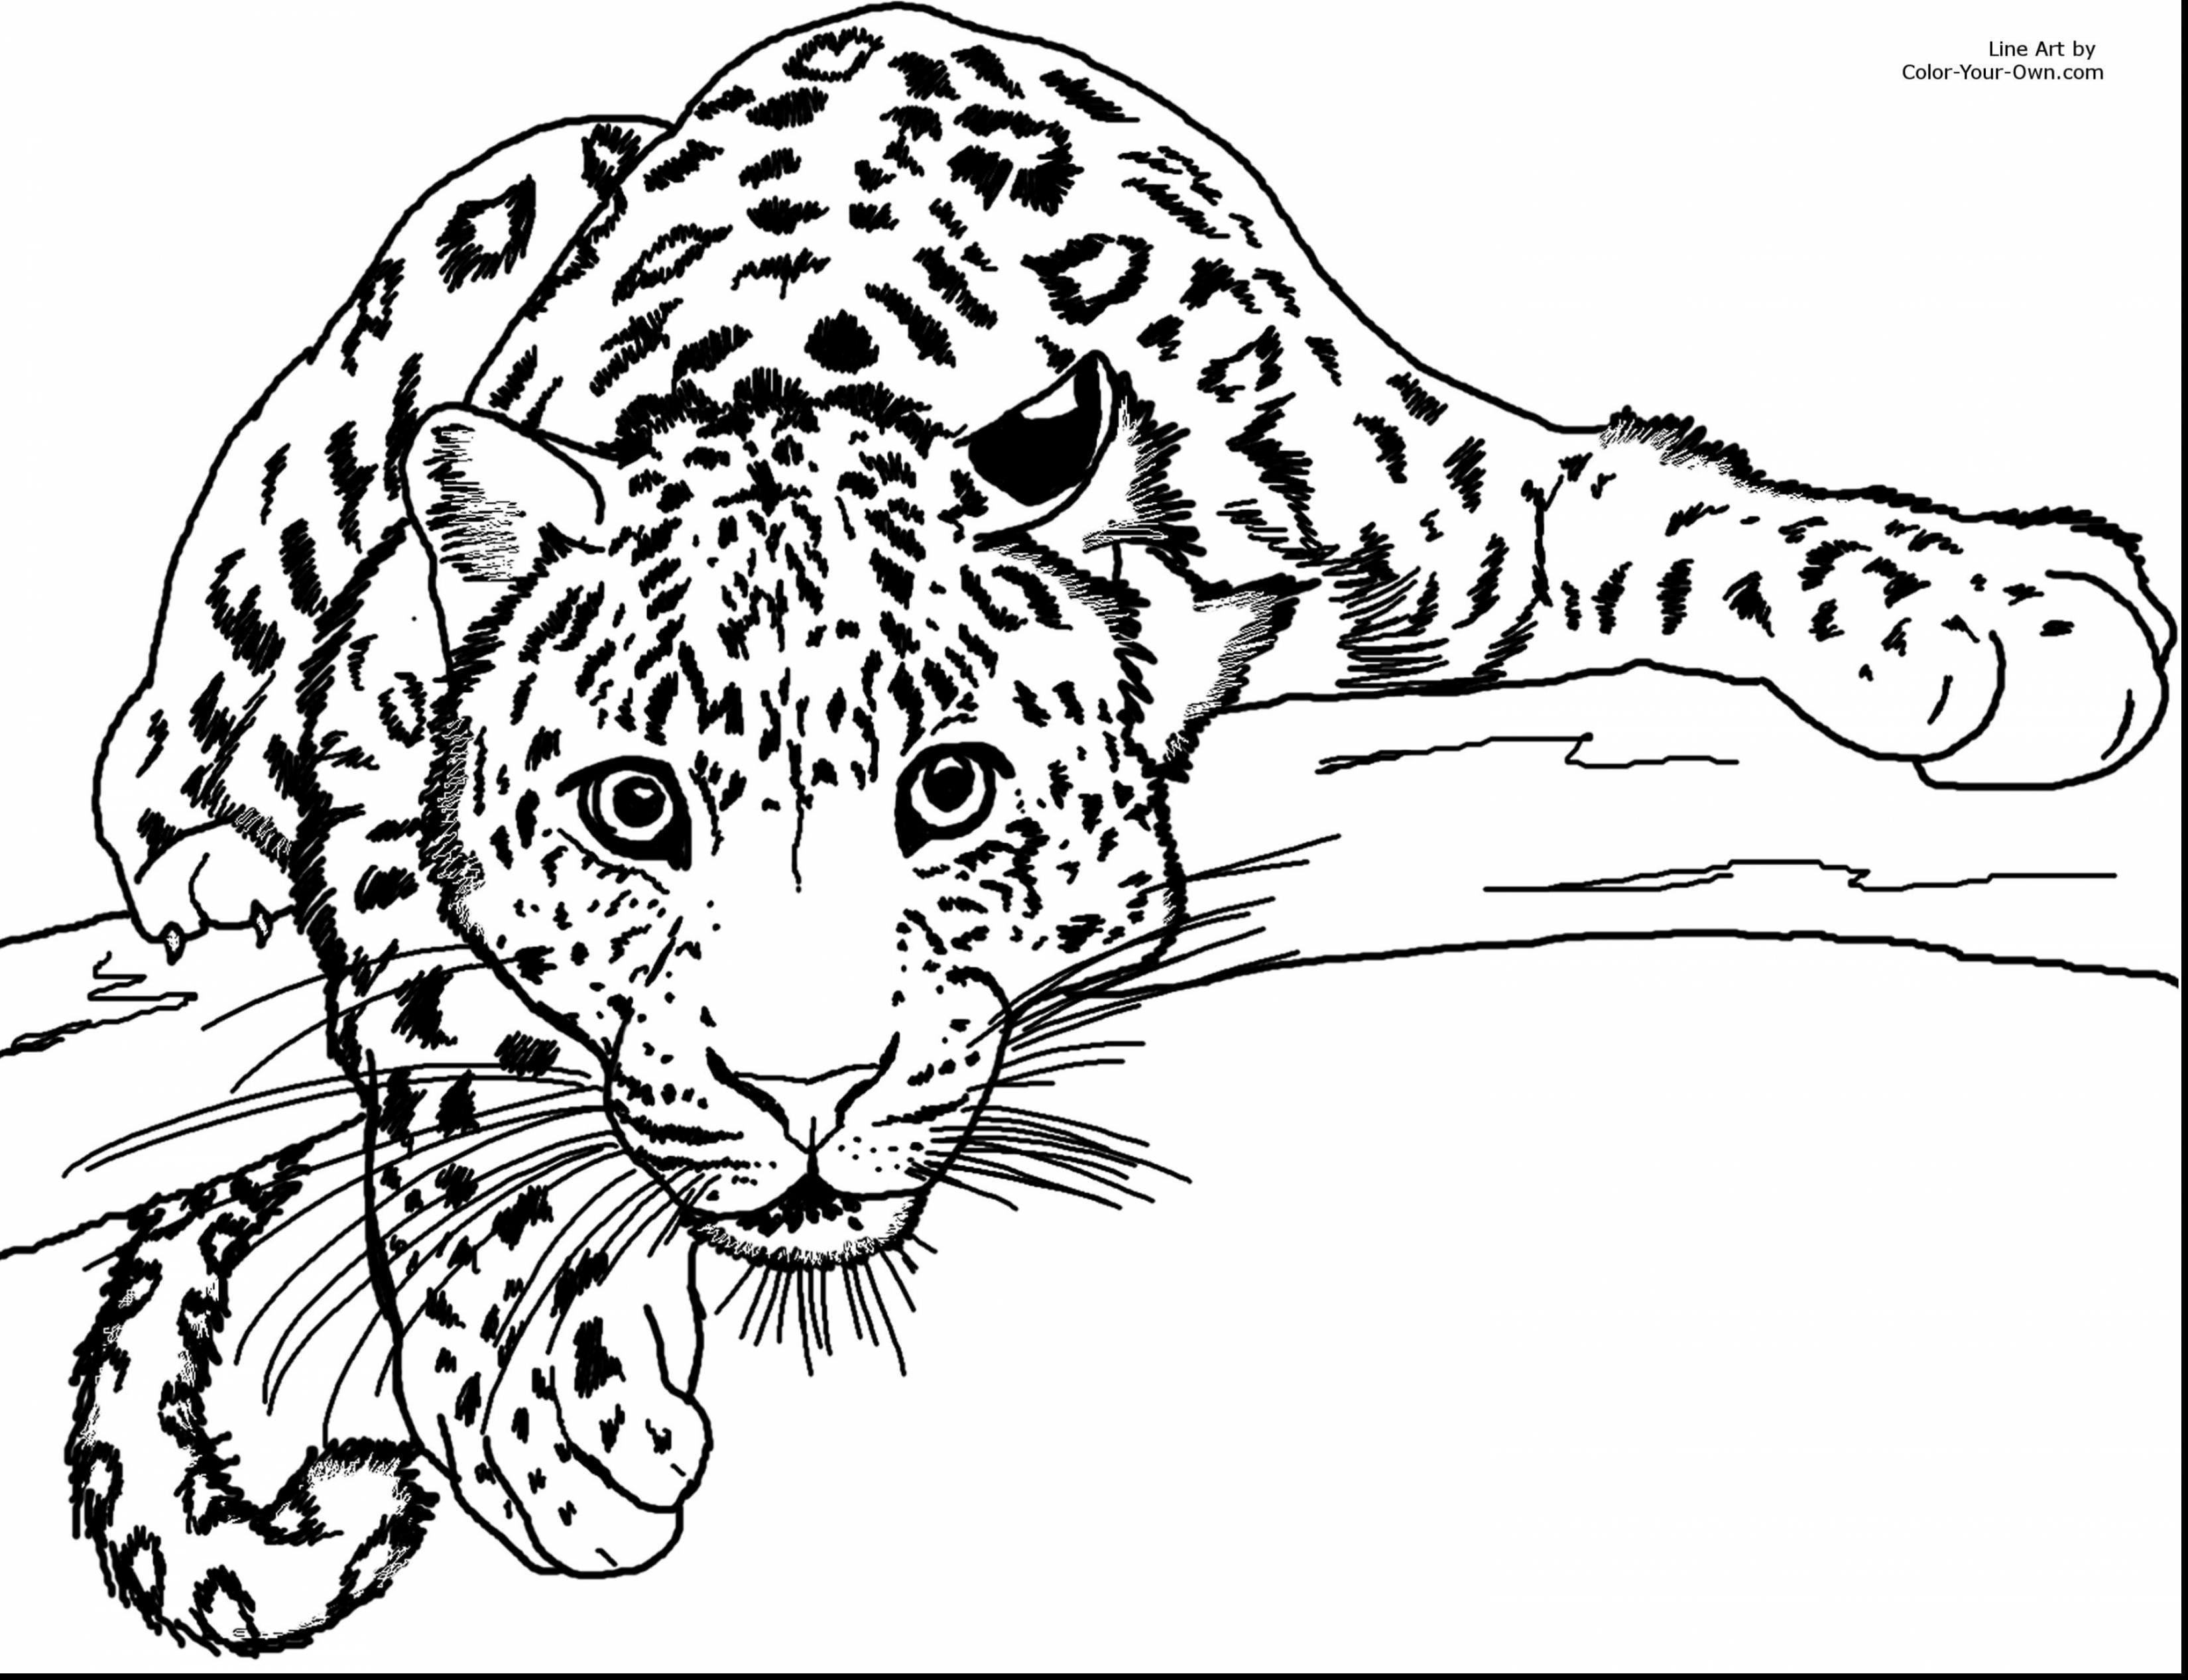 Cheetah Coloring Sheet Con Imagenes Dibujos Bocetos De